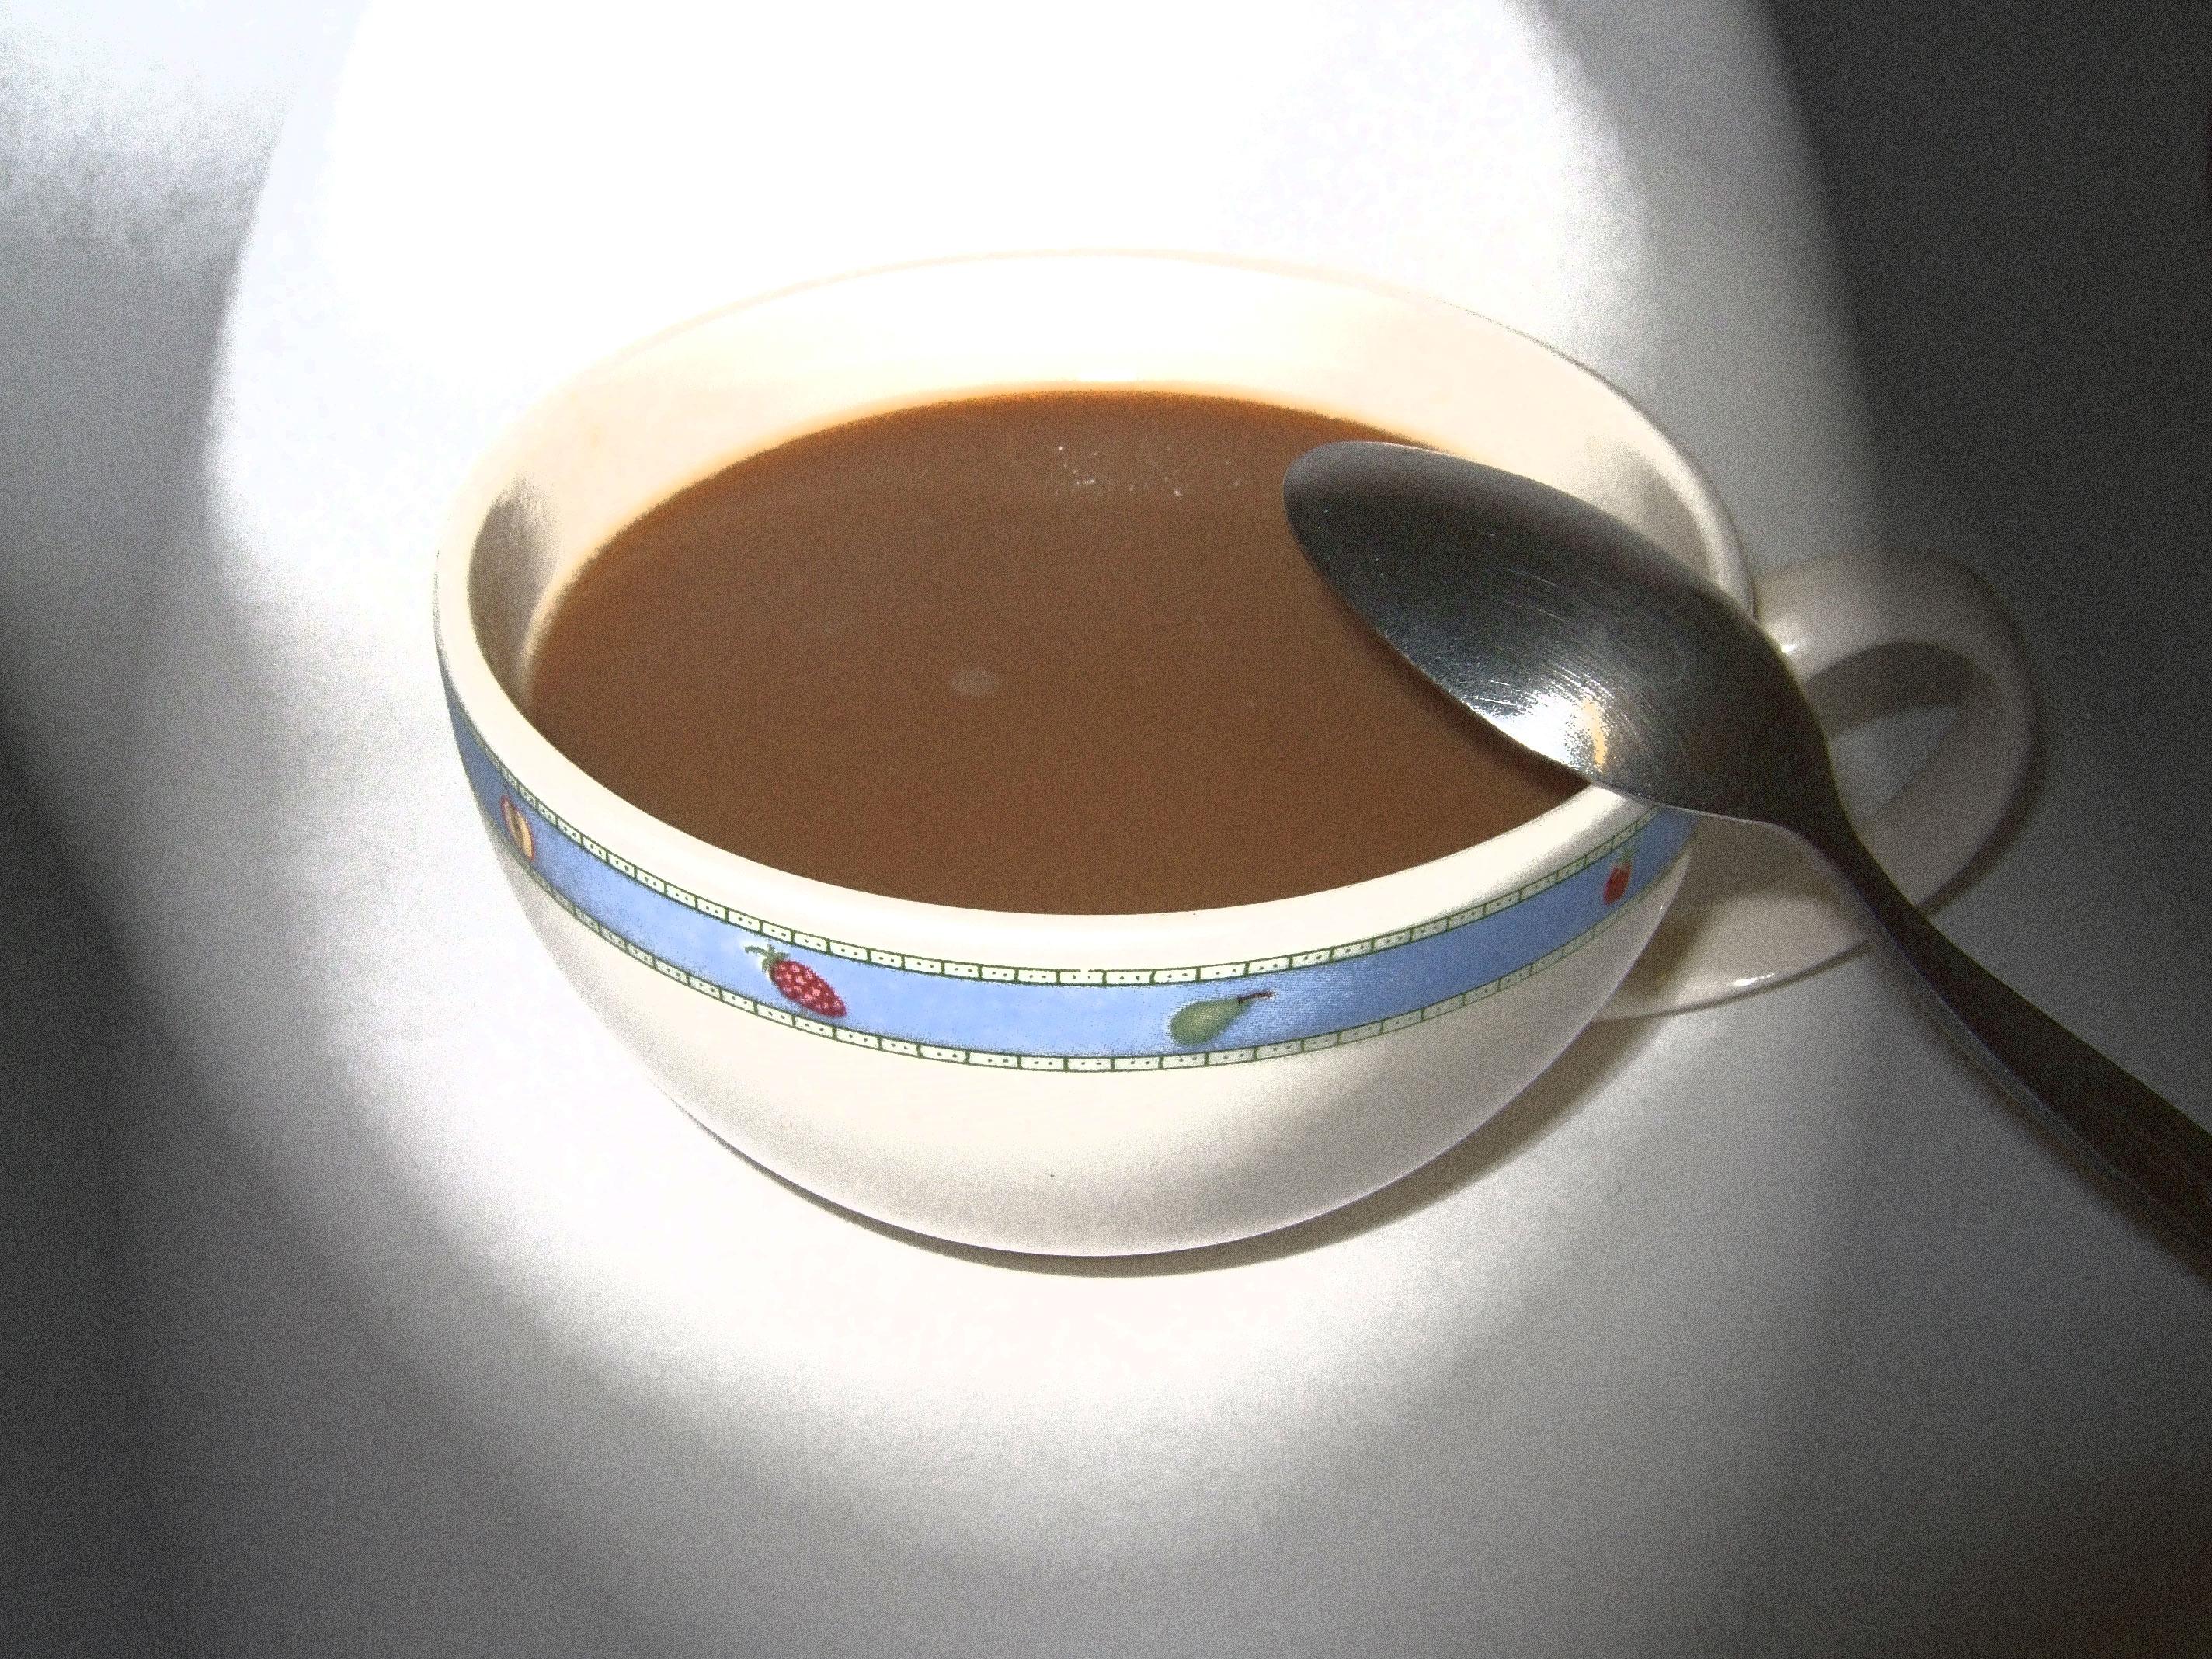 Cup of Tea Wallpaper Freetopwallpapercom 2848x2136